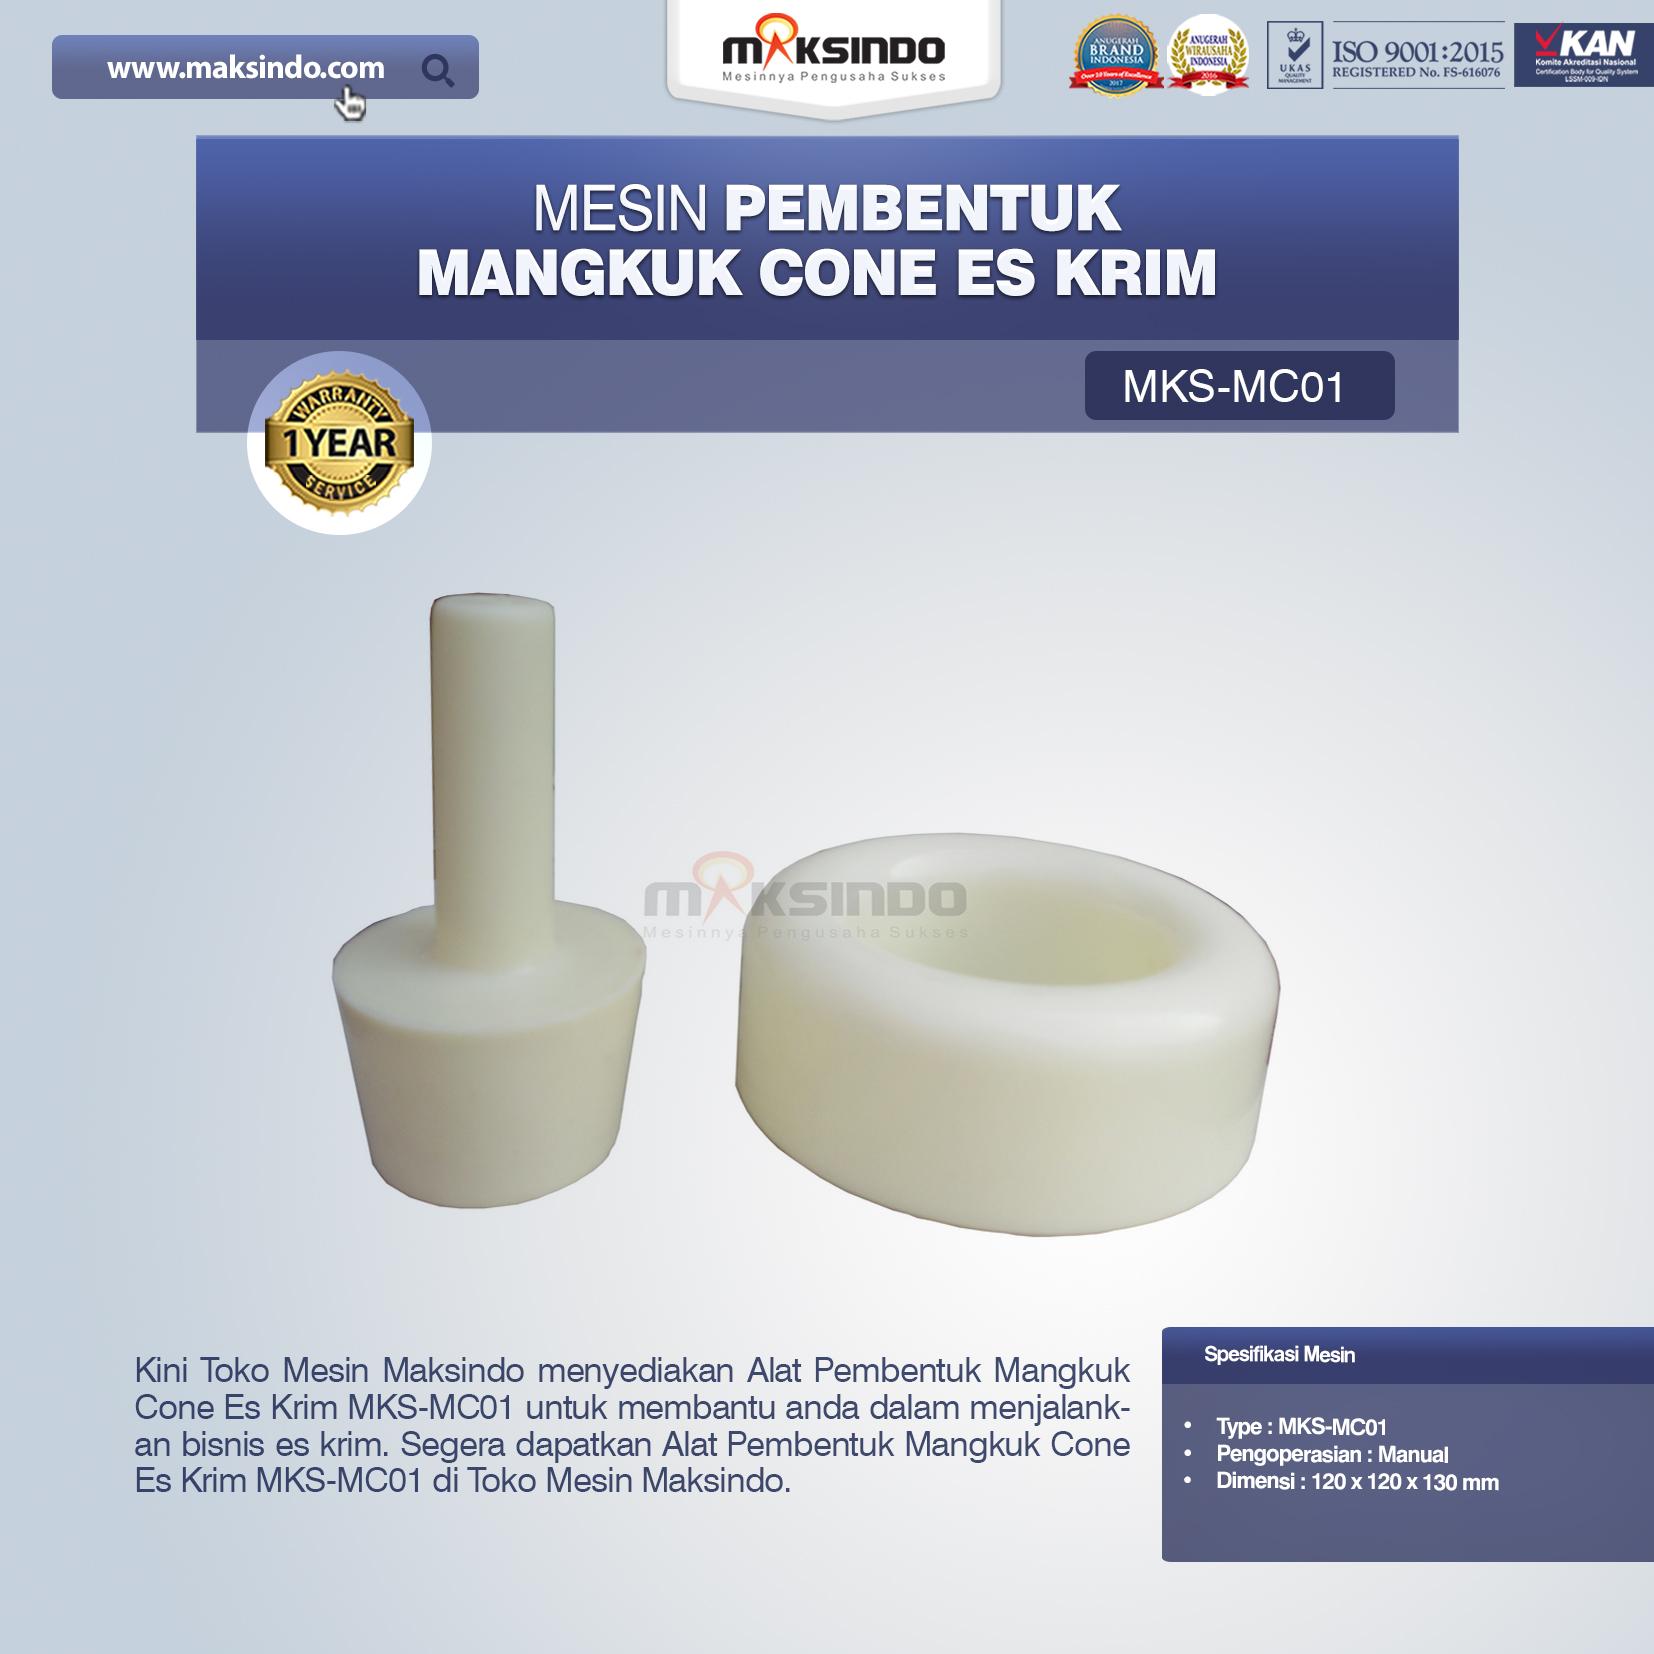 Jual Alat Pembentuk Mangkuk Cone Es Krim MKS-MC01 di Mataram